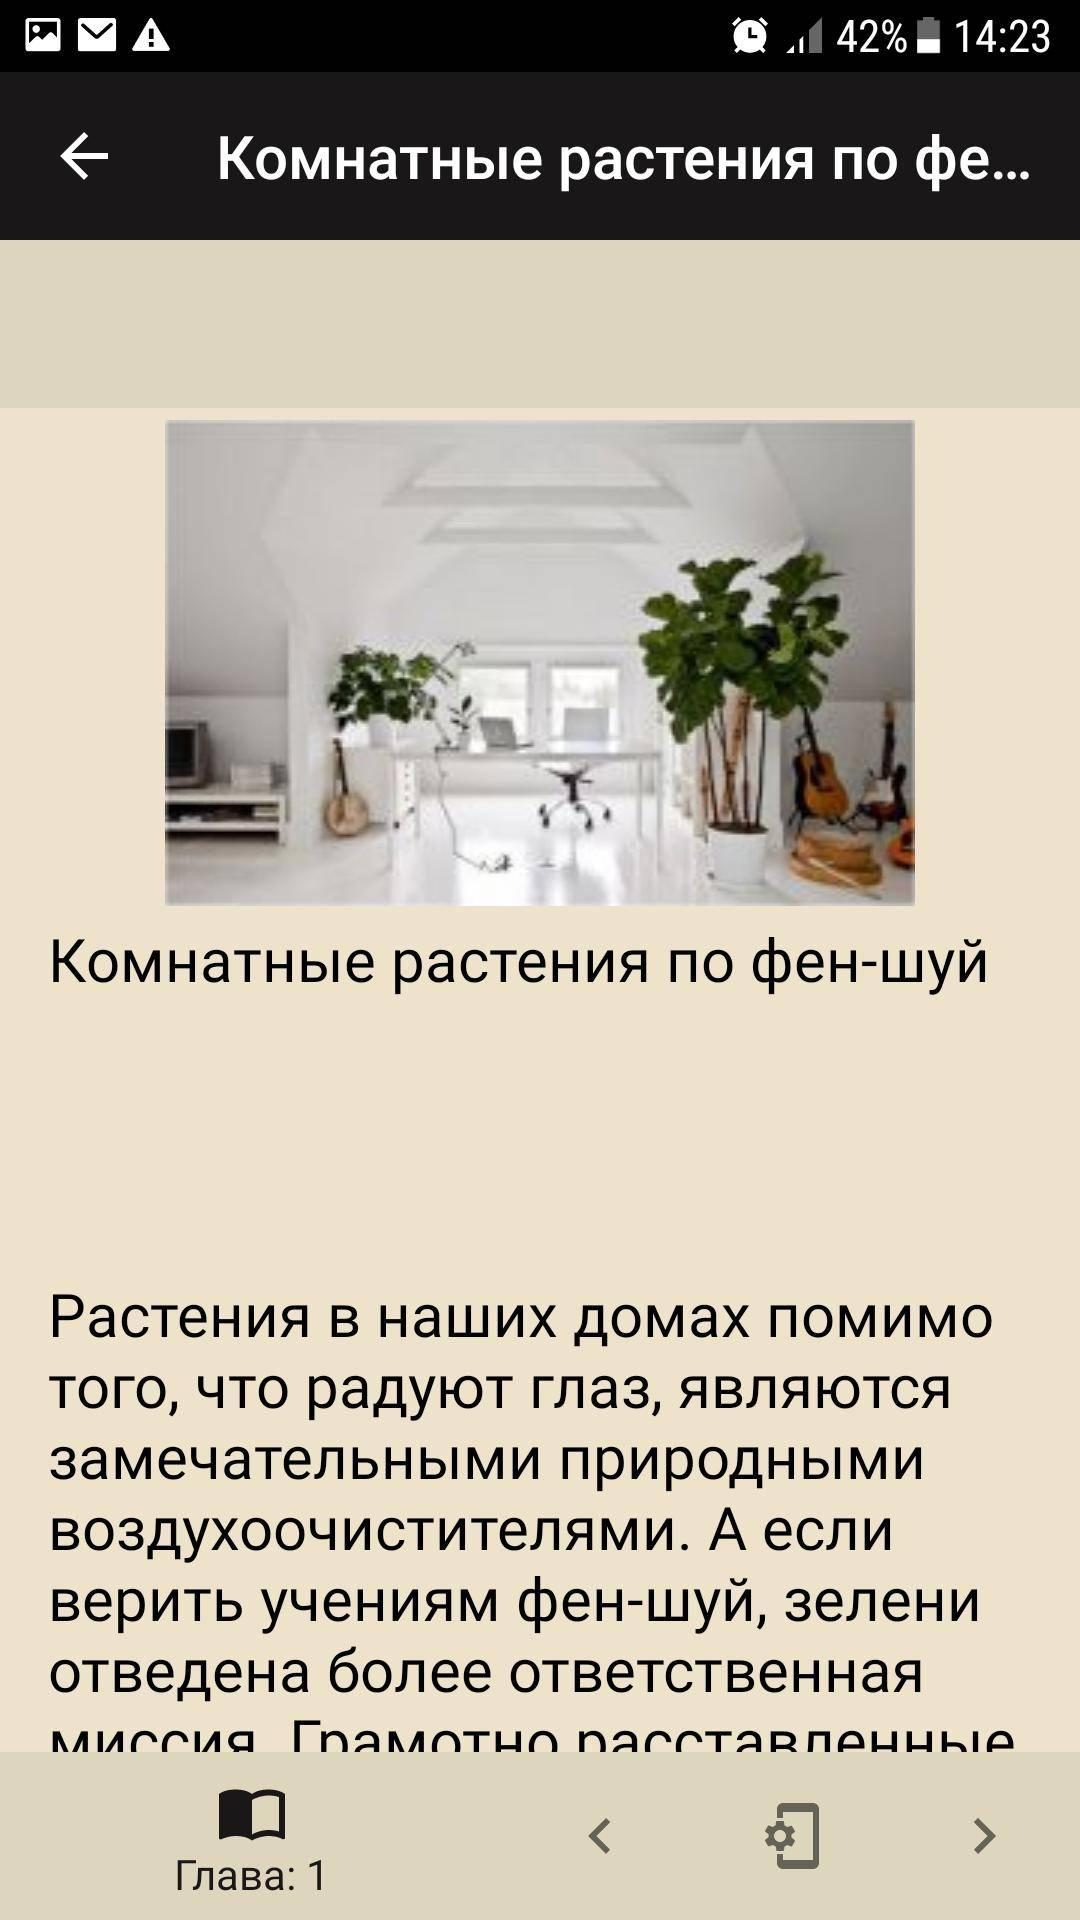 Зона любви по фэн-шуй в квартире - значение, способы усиления